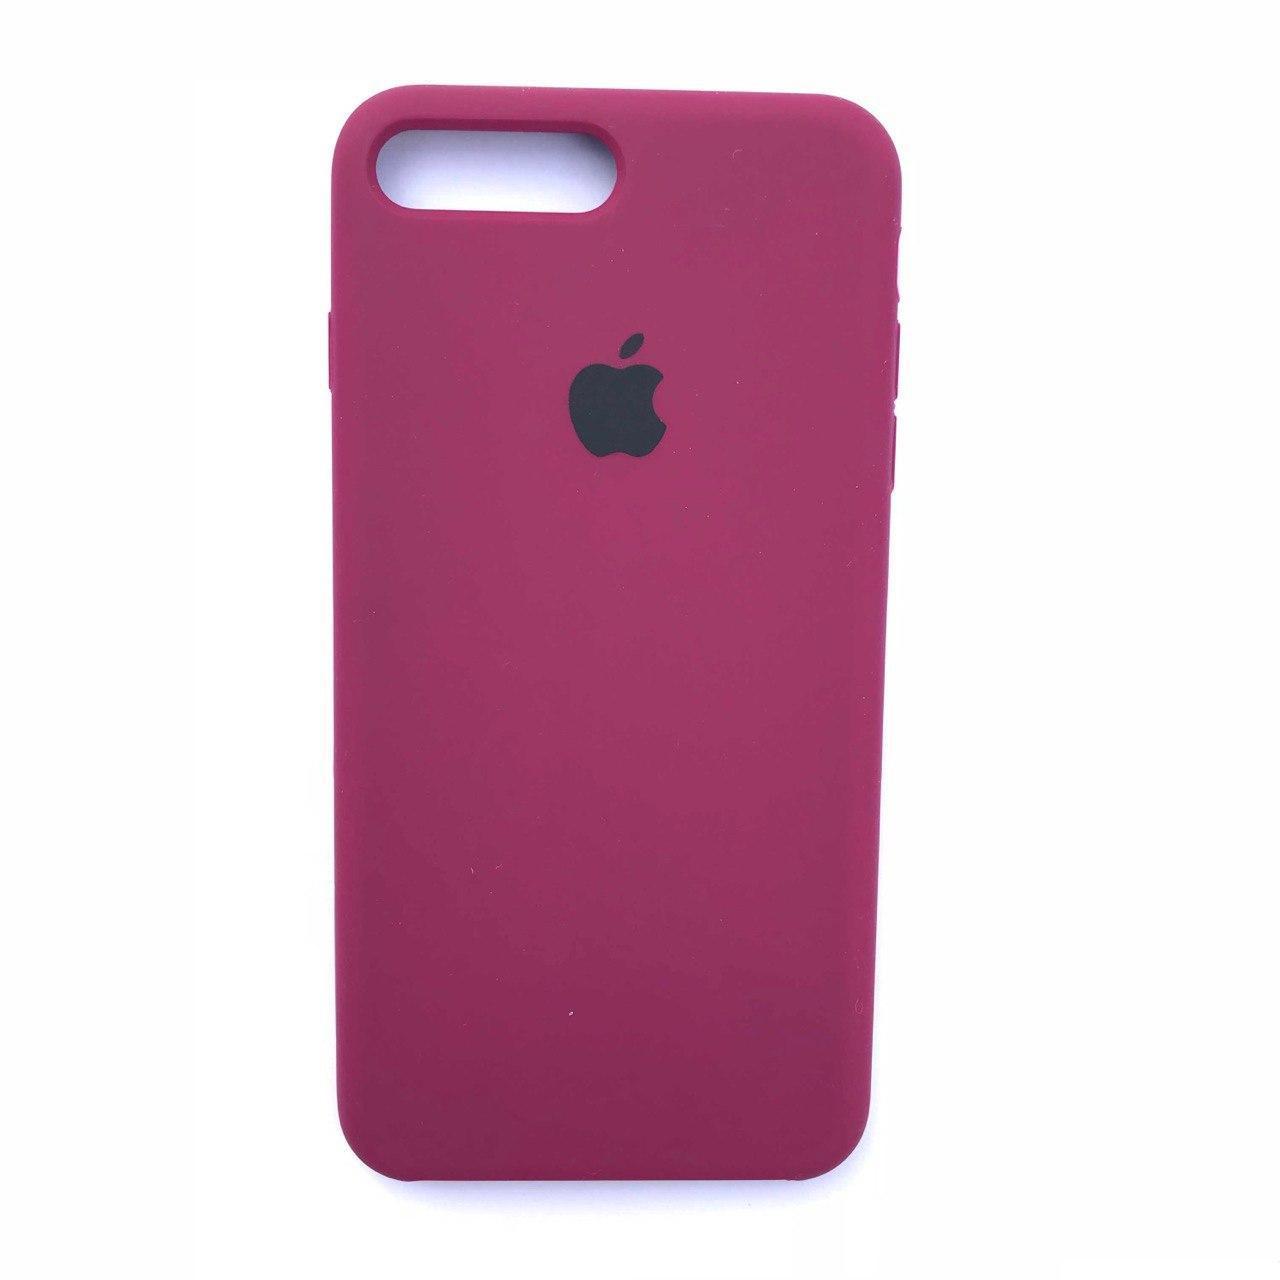 Чехол-накладка Silicone Case для Apple iPhone 7 Plus iPhone 8 Plus Cherry